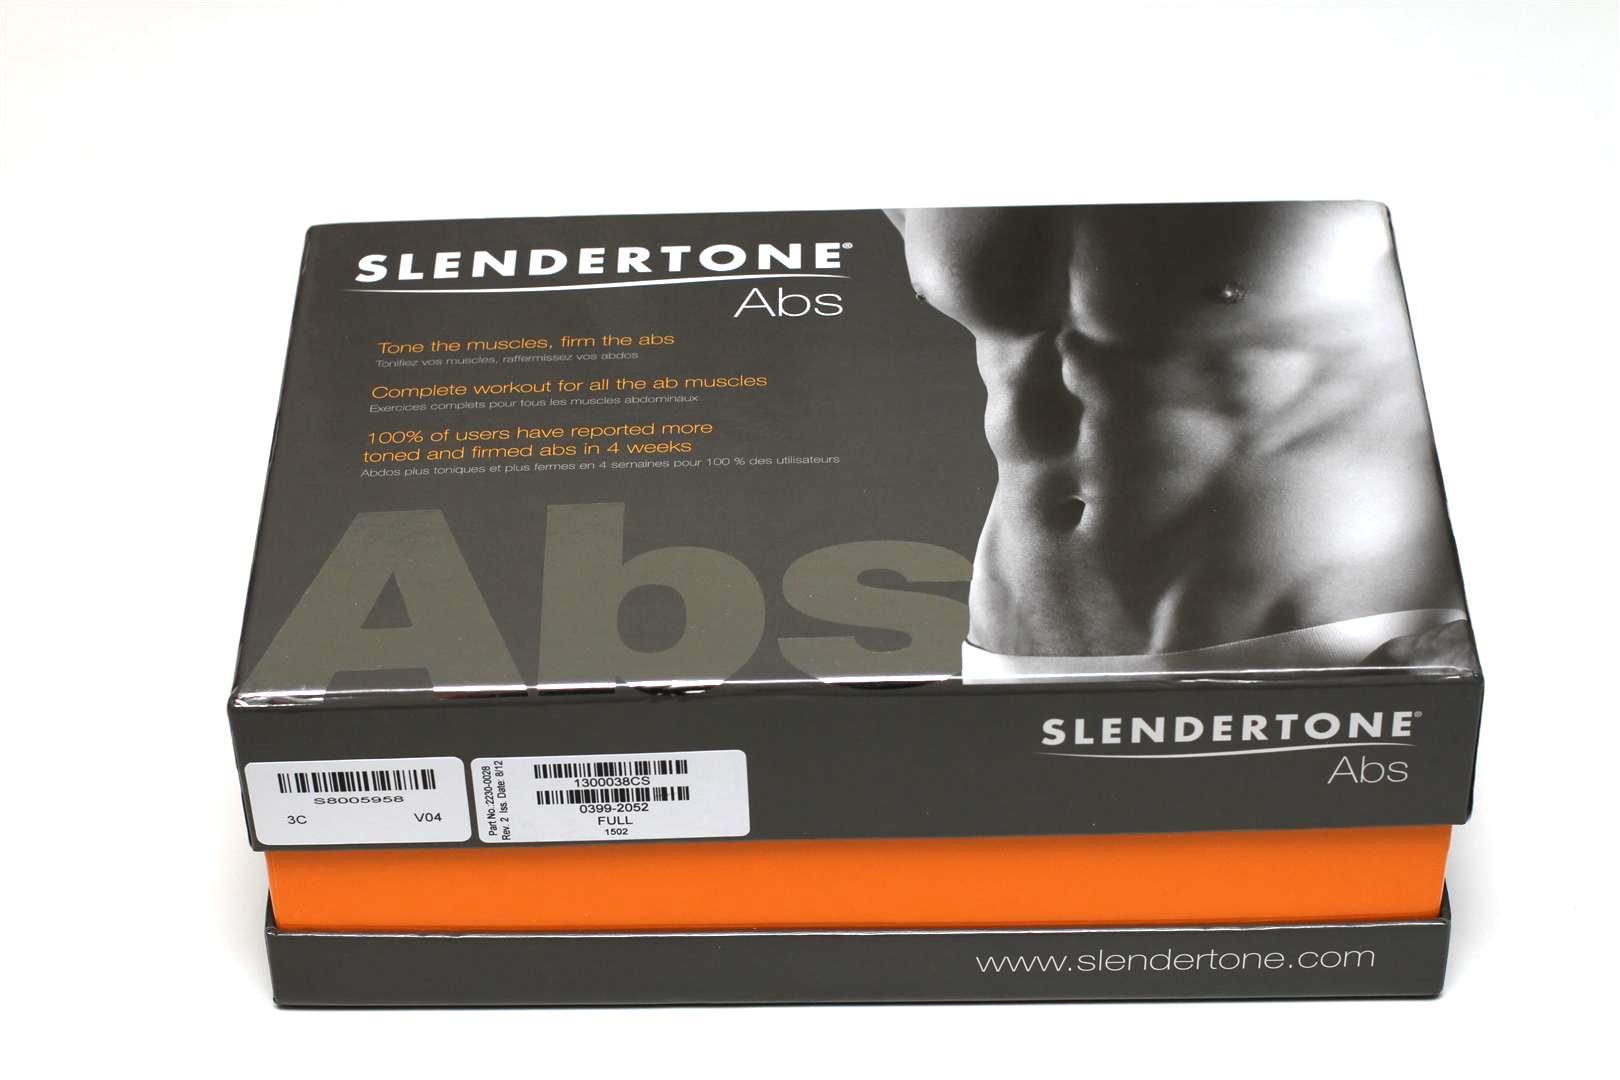 79ade99fa7b3 ... la Slendertone Abs pour Homme, ceinture abdominale fonctionnant par  électro-stimulation. slenderstone - abs test